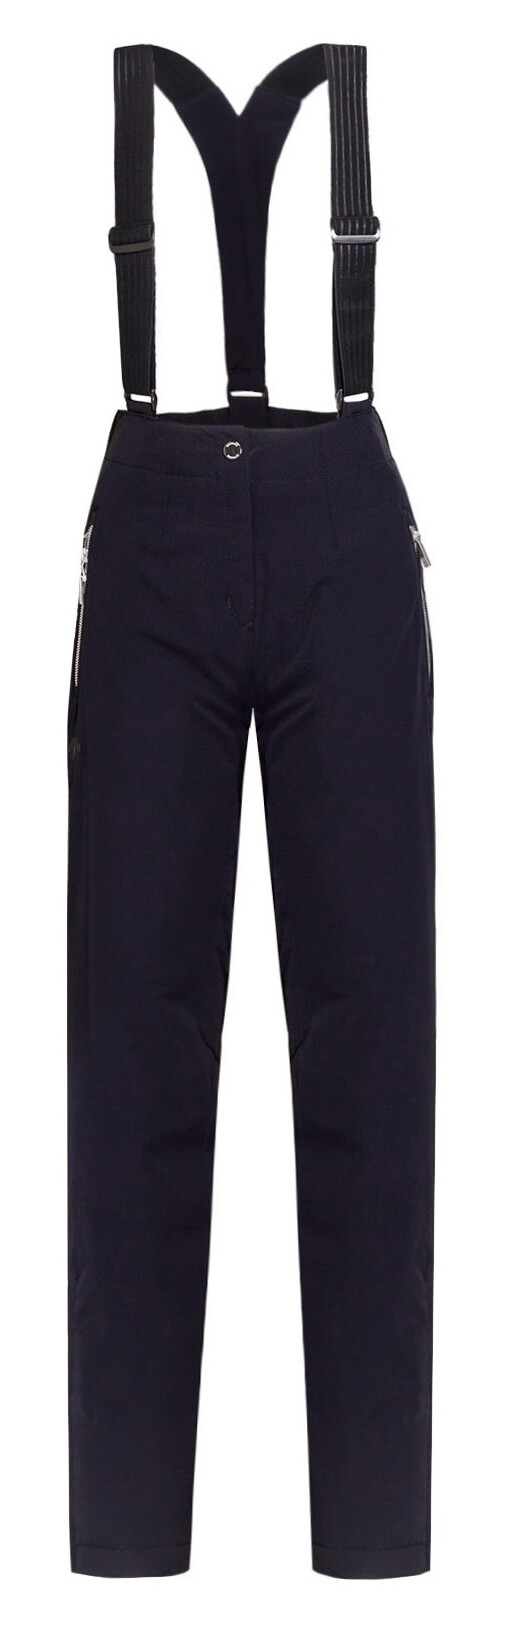 Женские брюки Descente Harriet (укороченные) - фото 3